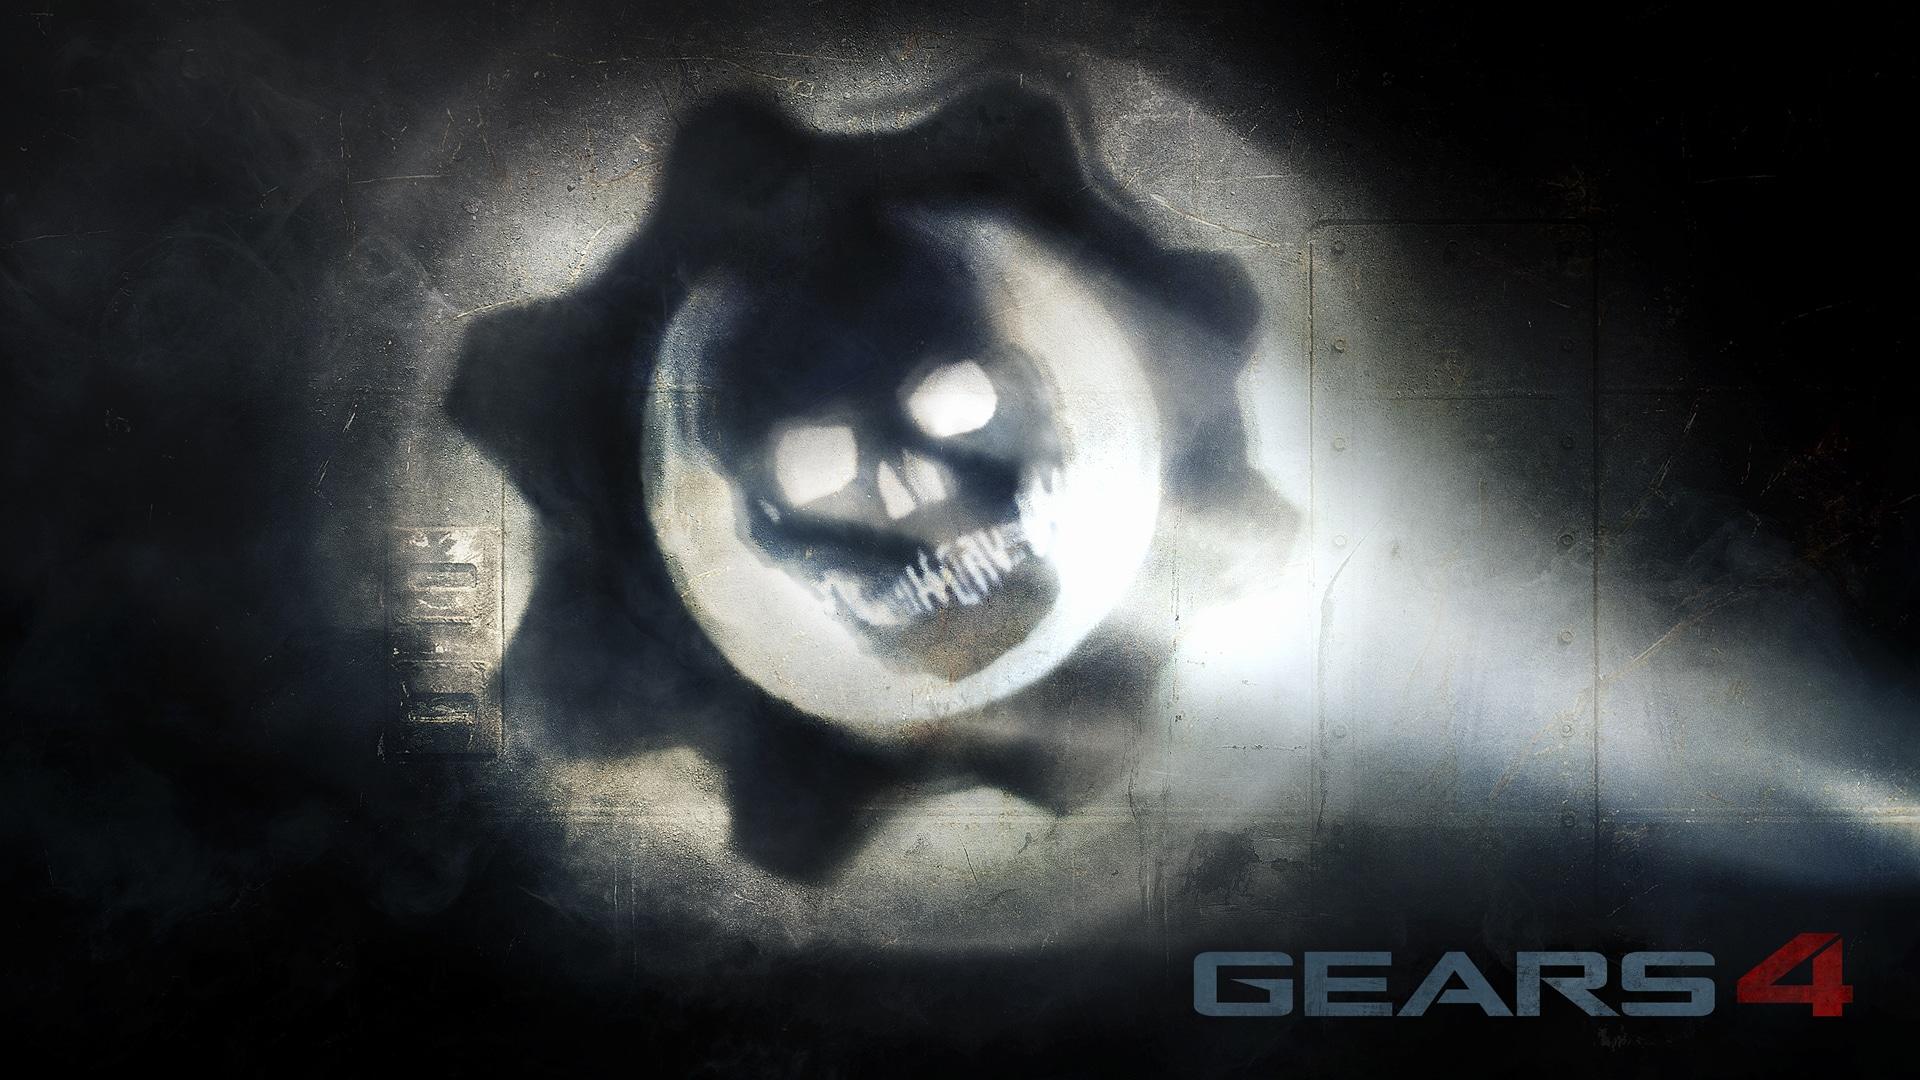 Το Gears of War τώρα και στη μεγάλη οθόνη! - videogamer.gr